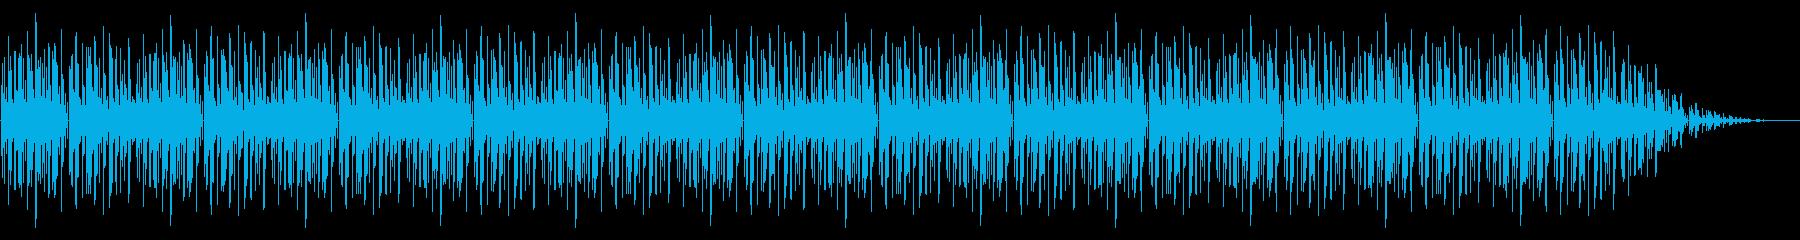 GB風パズル・カードゲームのリザルト曲の再生済みの波形